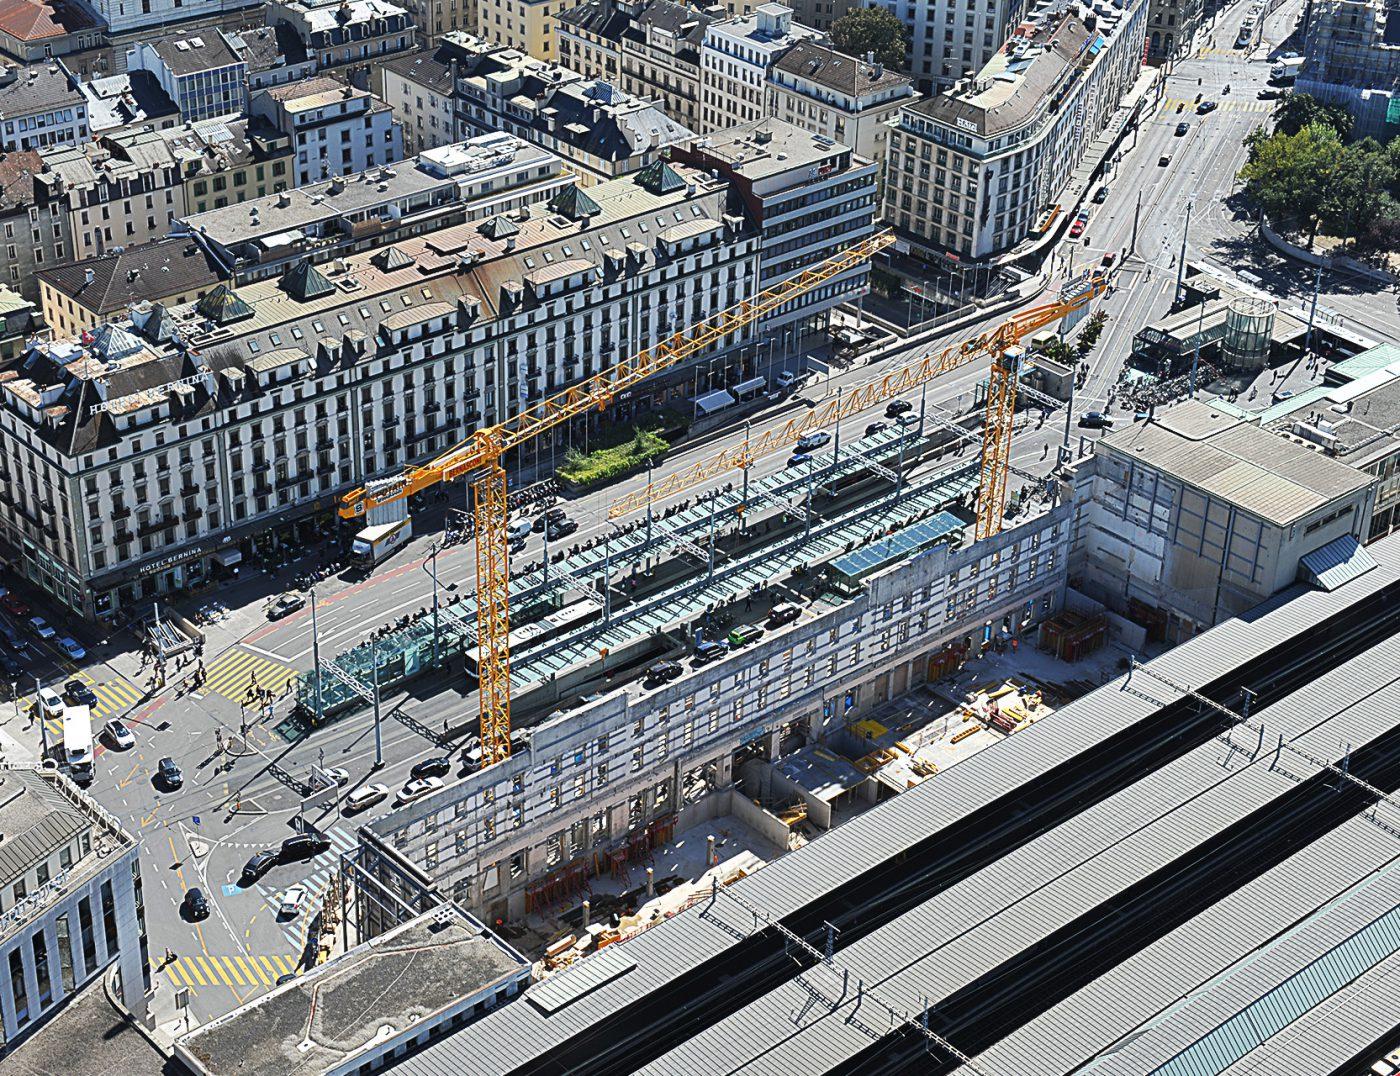 Photographie aérienne chantier de la gare de cornavin à Genève